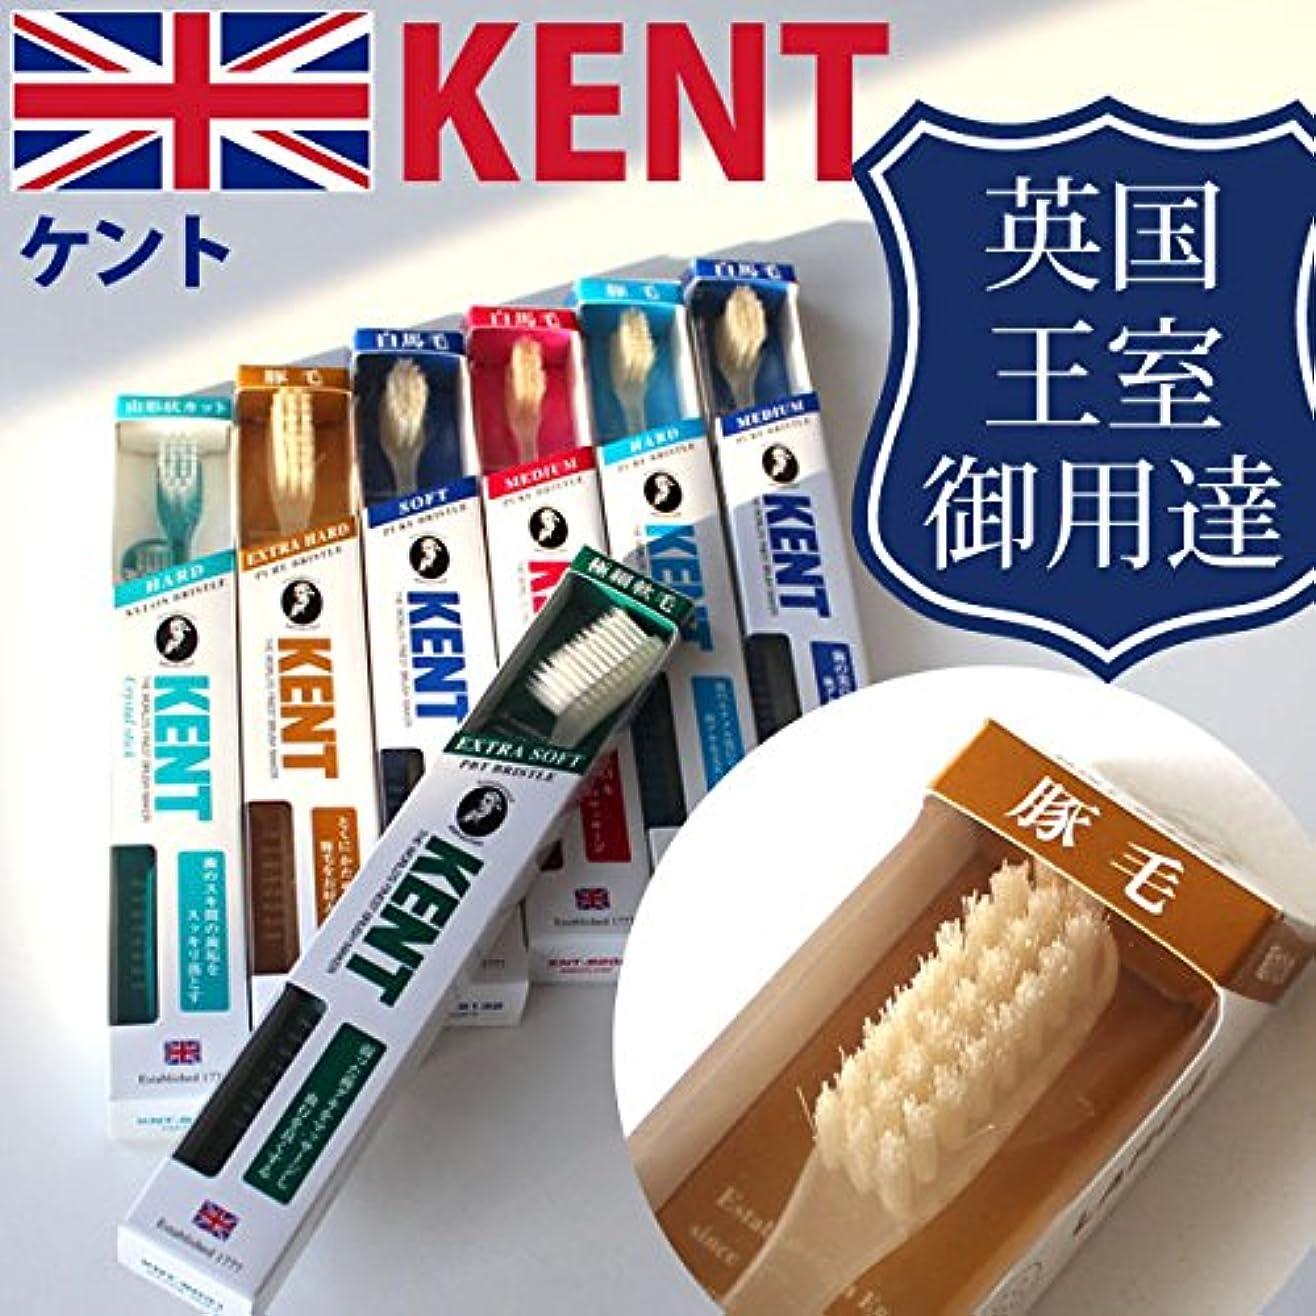 一般的にバリアマングルケント KENT 豚毛 ラージヘッド 歯ブラシKNT-9433 超かため 6本入り しっかり磨ける天然毛のラジヘ